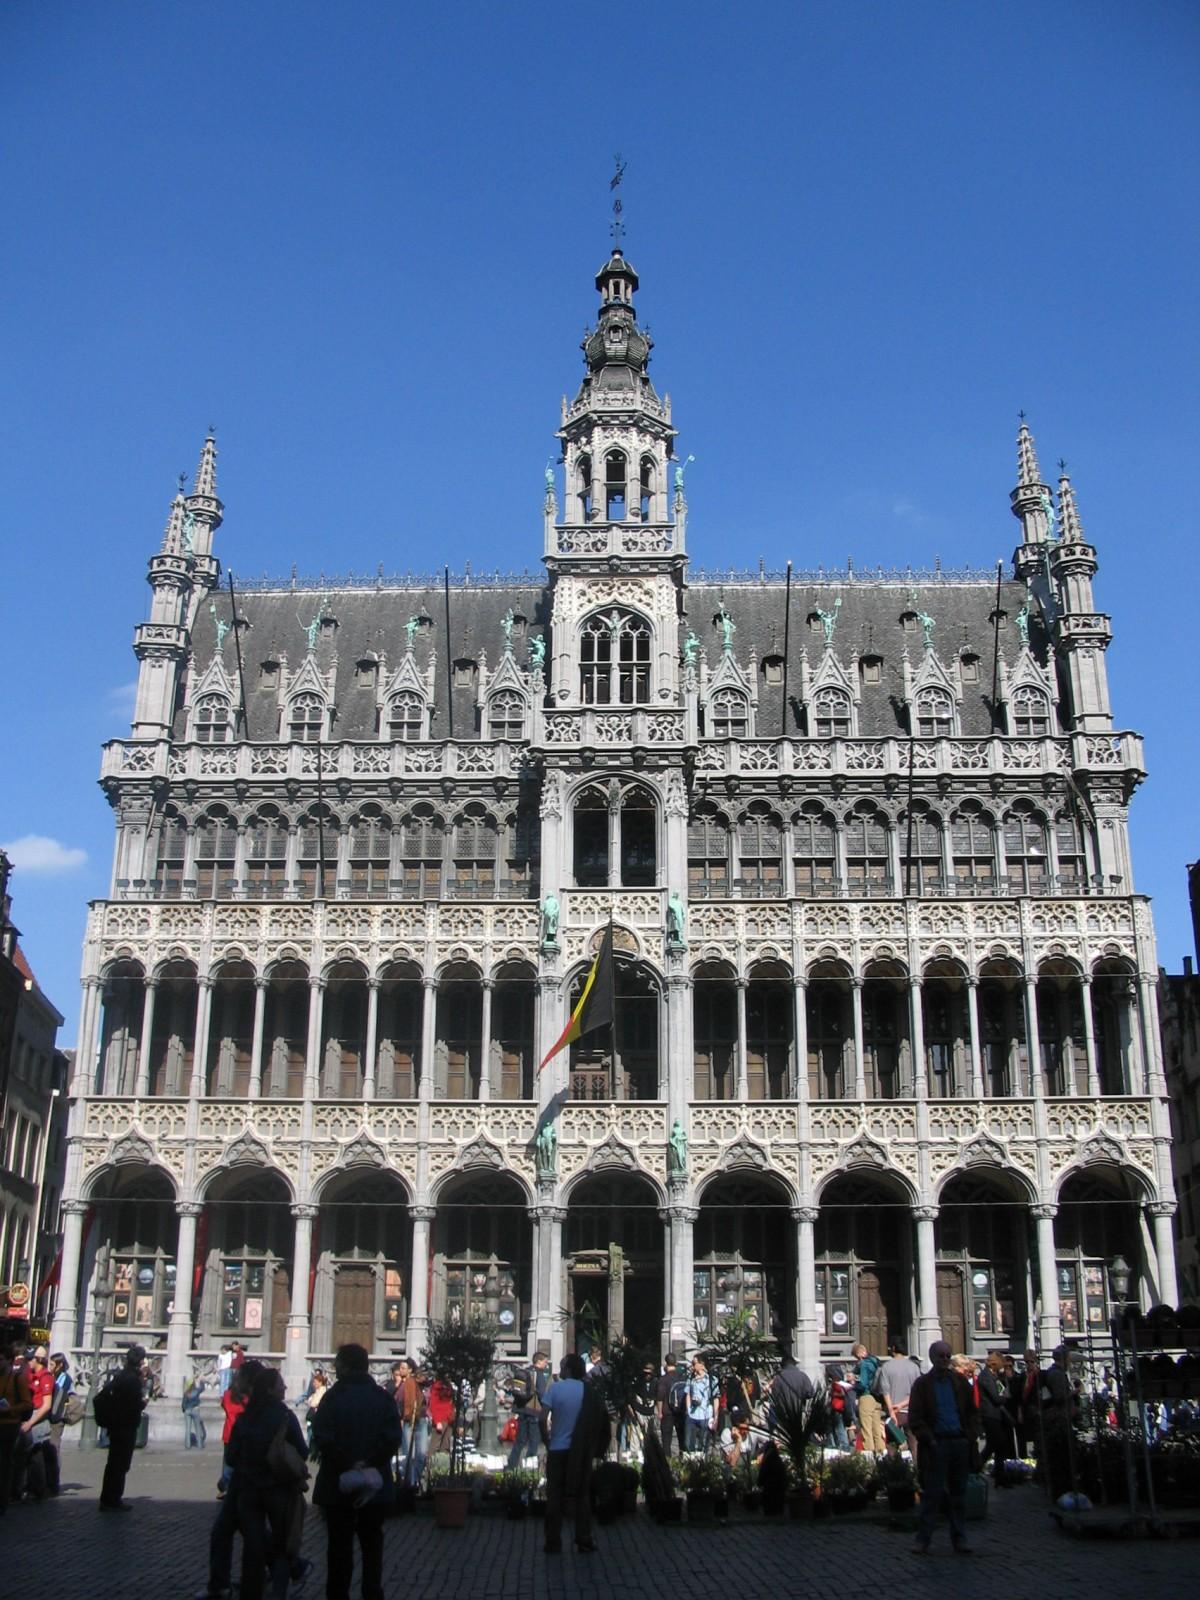 N ogothique maison du roi grand place bruxelles 1873 for Architecture gothique definition